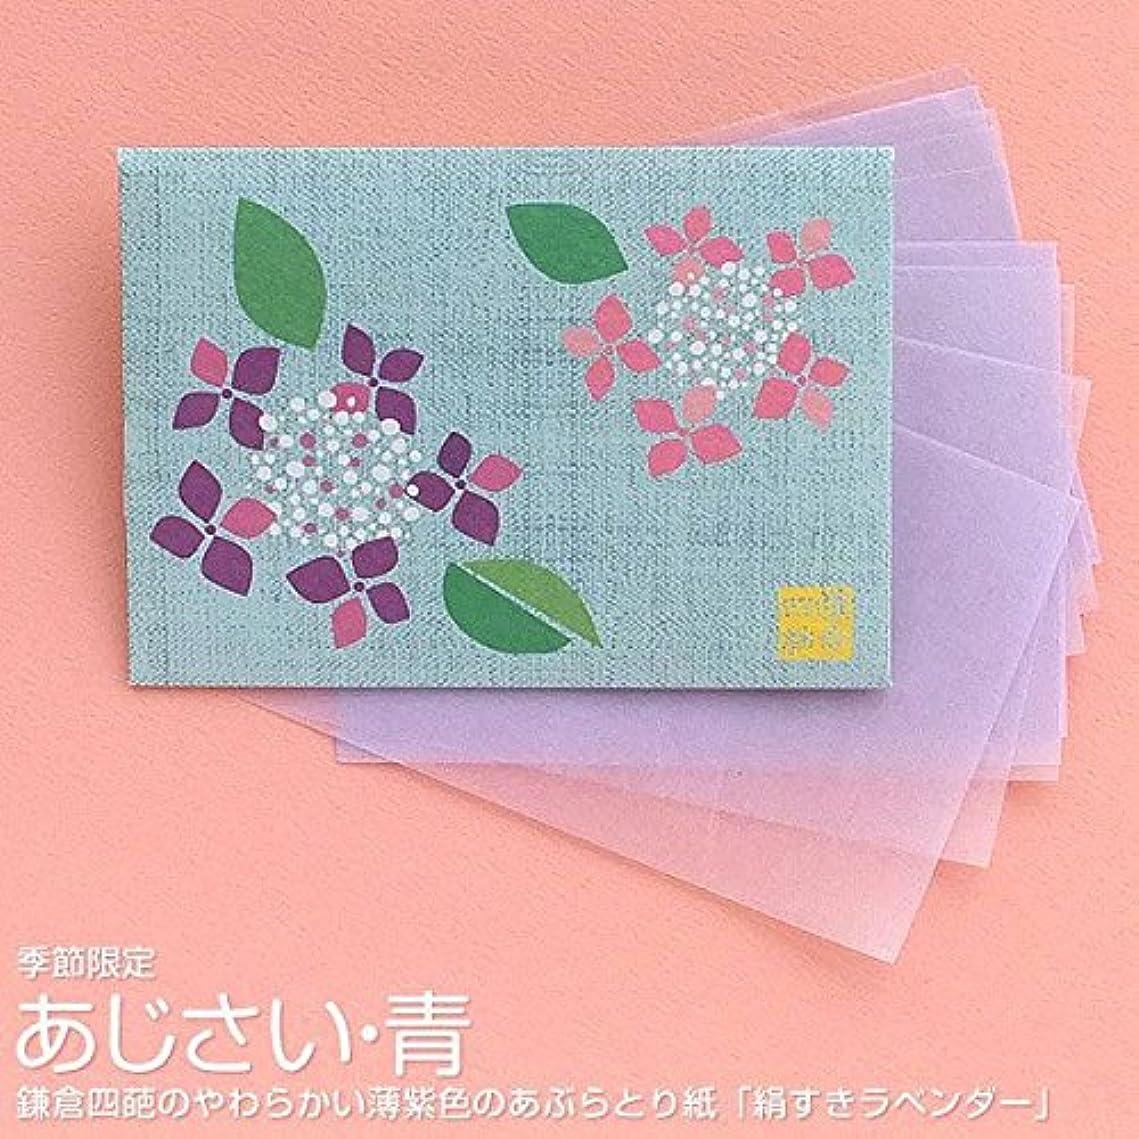 避けられない心理的に朝ごはん鎌倉四葩のあぶらとり紙 あじさい(青) 「絹すきラベンダー」 短冊サイズ